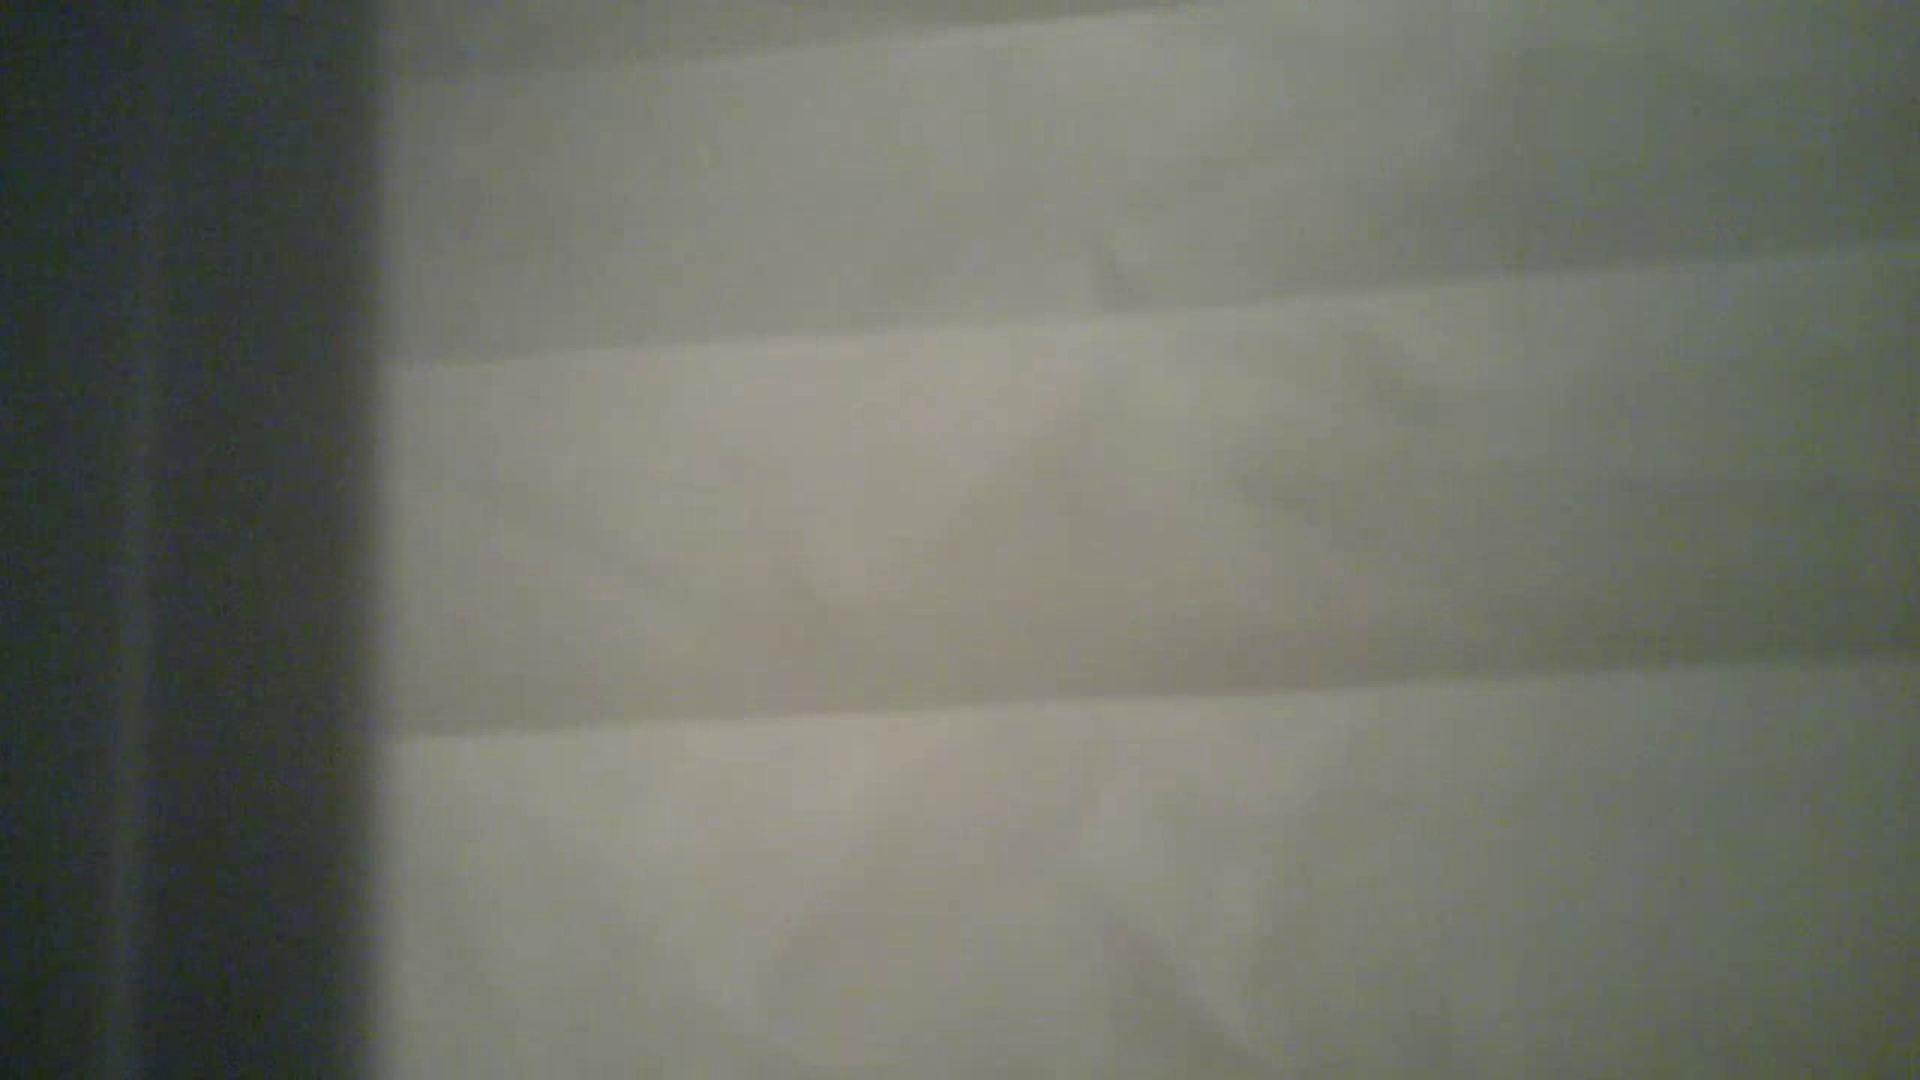 某有名大学女性洗面所 vol.31超大接近 投稿 ワレメ動画紹介 106PIX 94